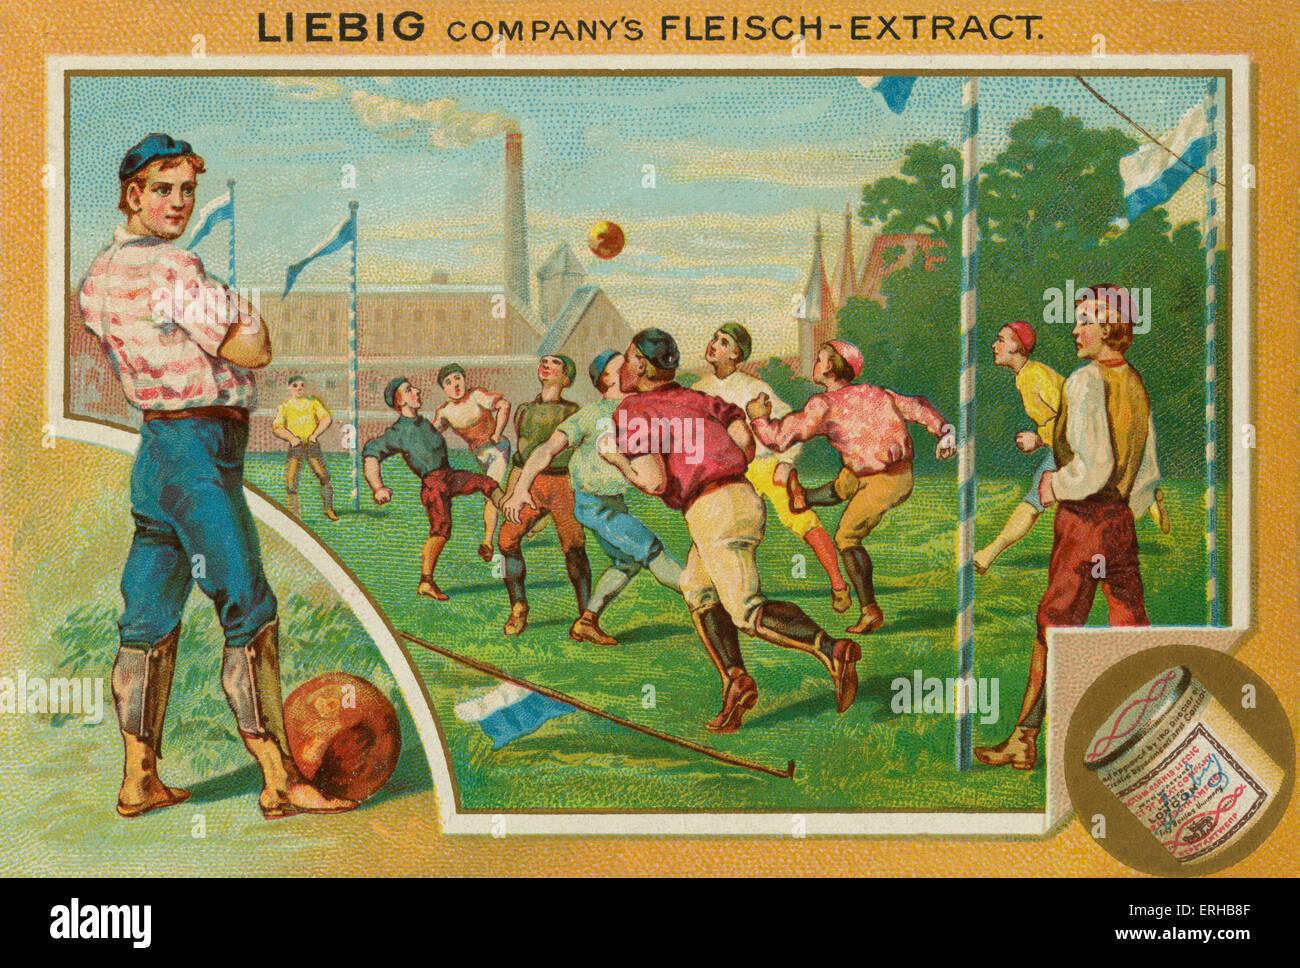 Un match de football. Carte Liebig, Sports, 1896. Photo Stock